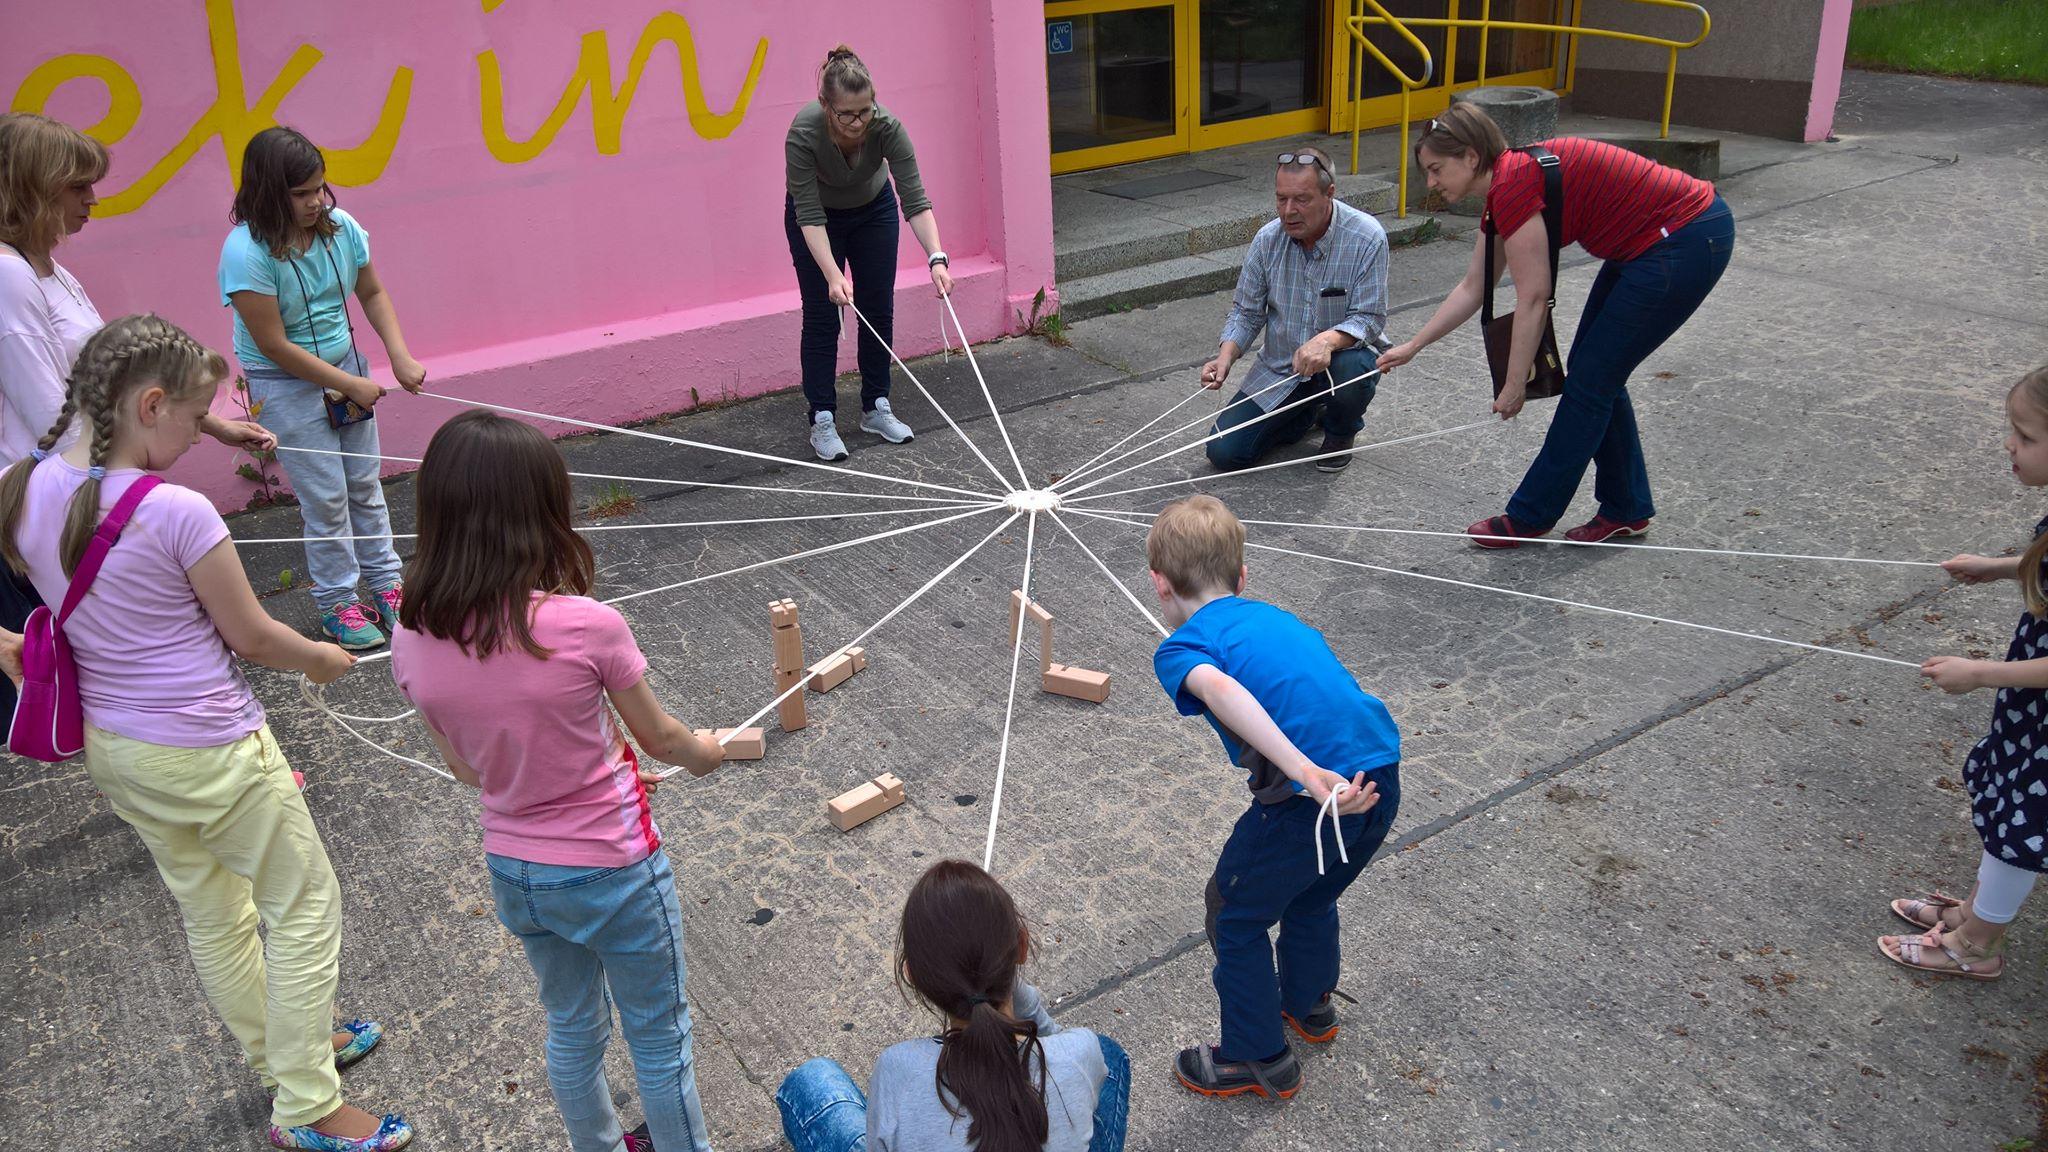 Menschen beim Spielen